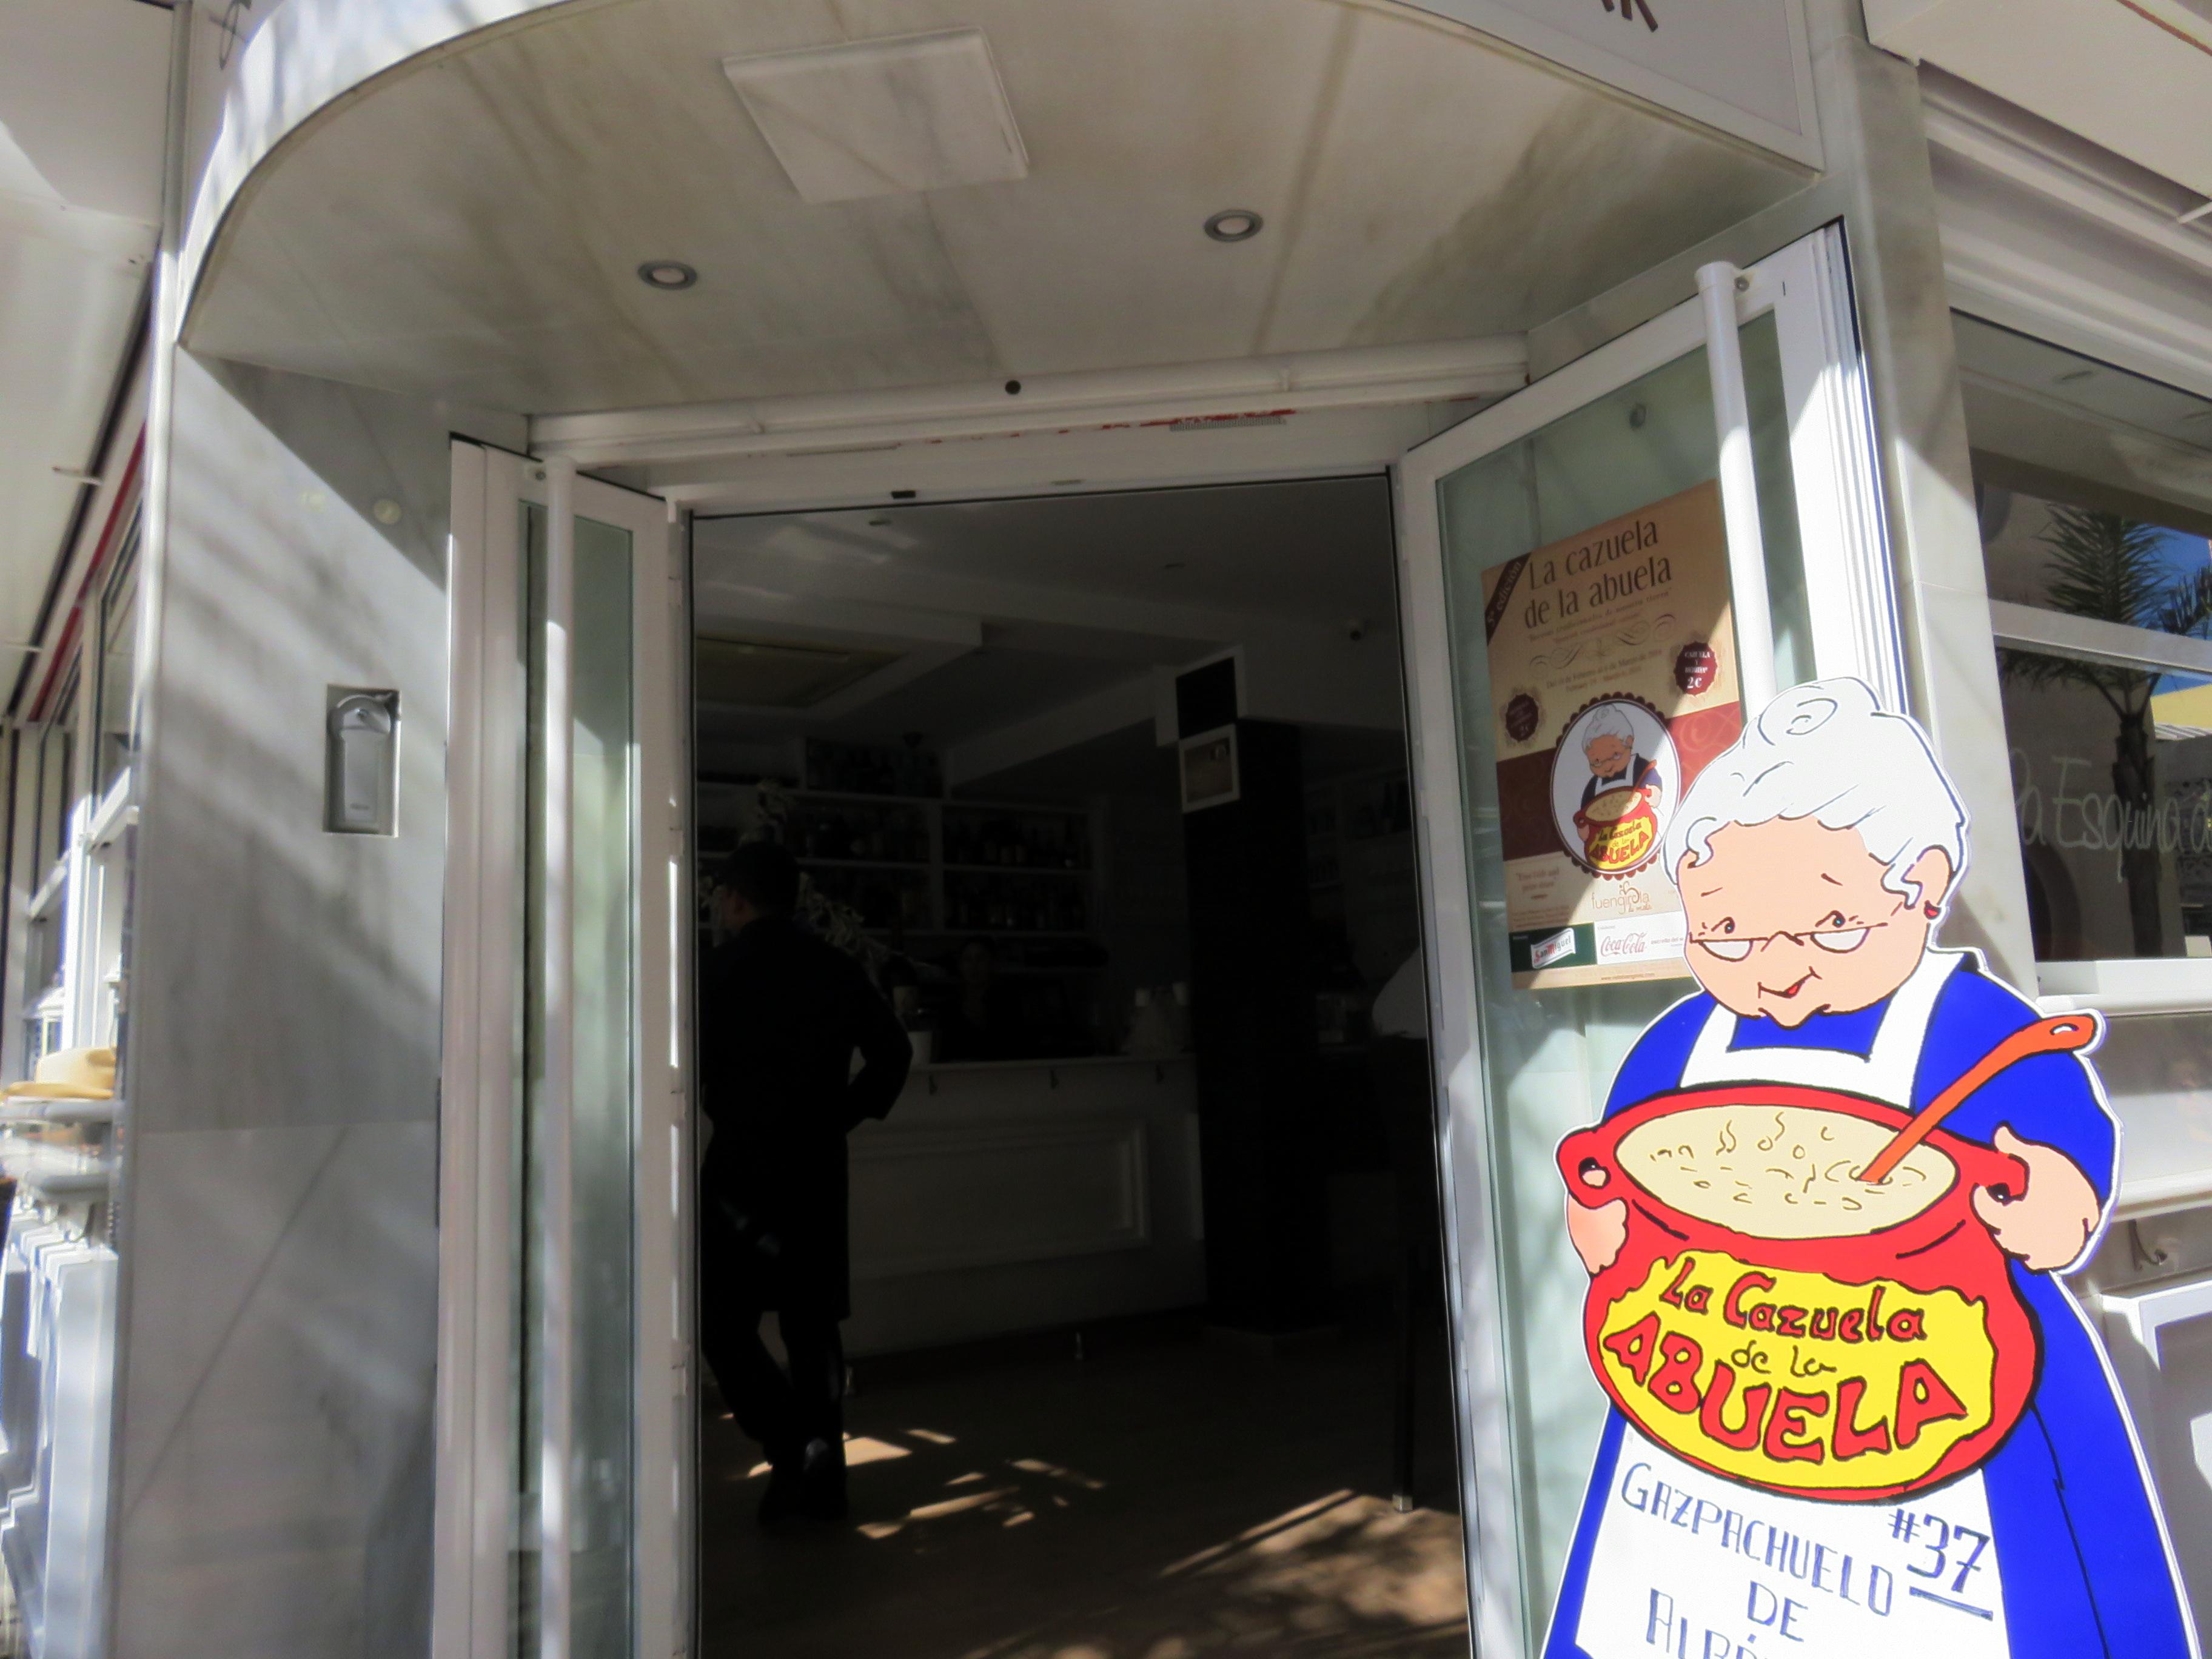 Entrada y cartel de concursante de la Esquinita de Chinorros.